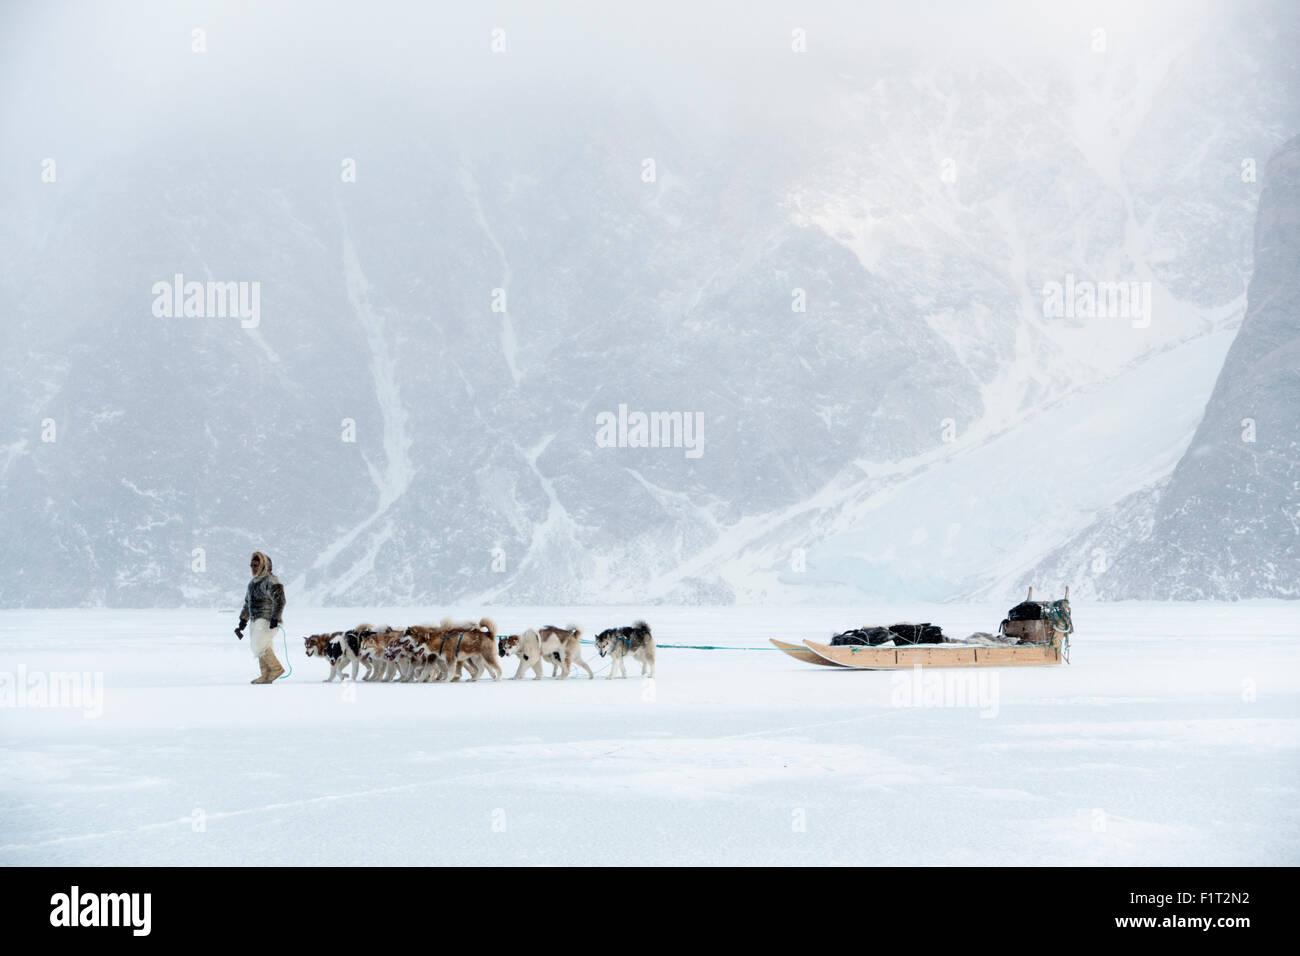 Inuit-Jäger zu Fuß sein Hundeteam auf das Meereis in den Polargebieten ein Schnee-Sturm, Grönland, Stockbild